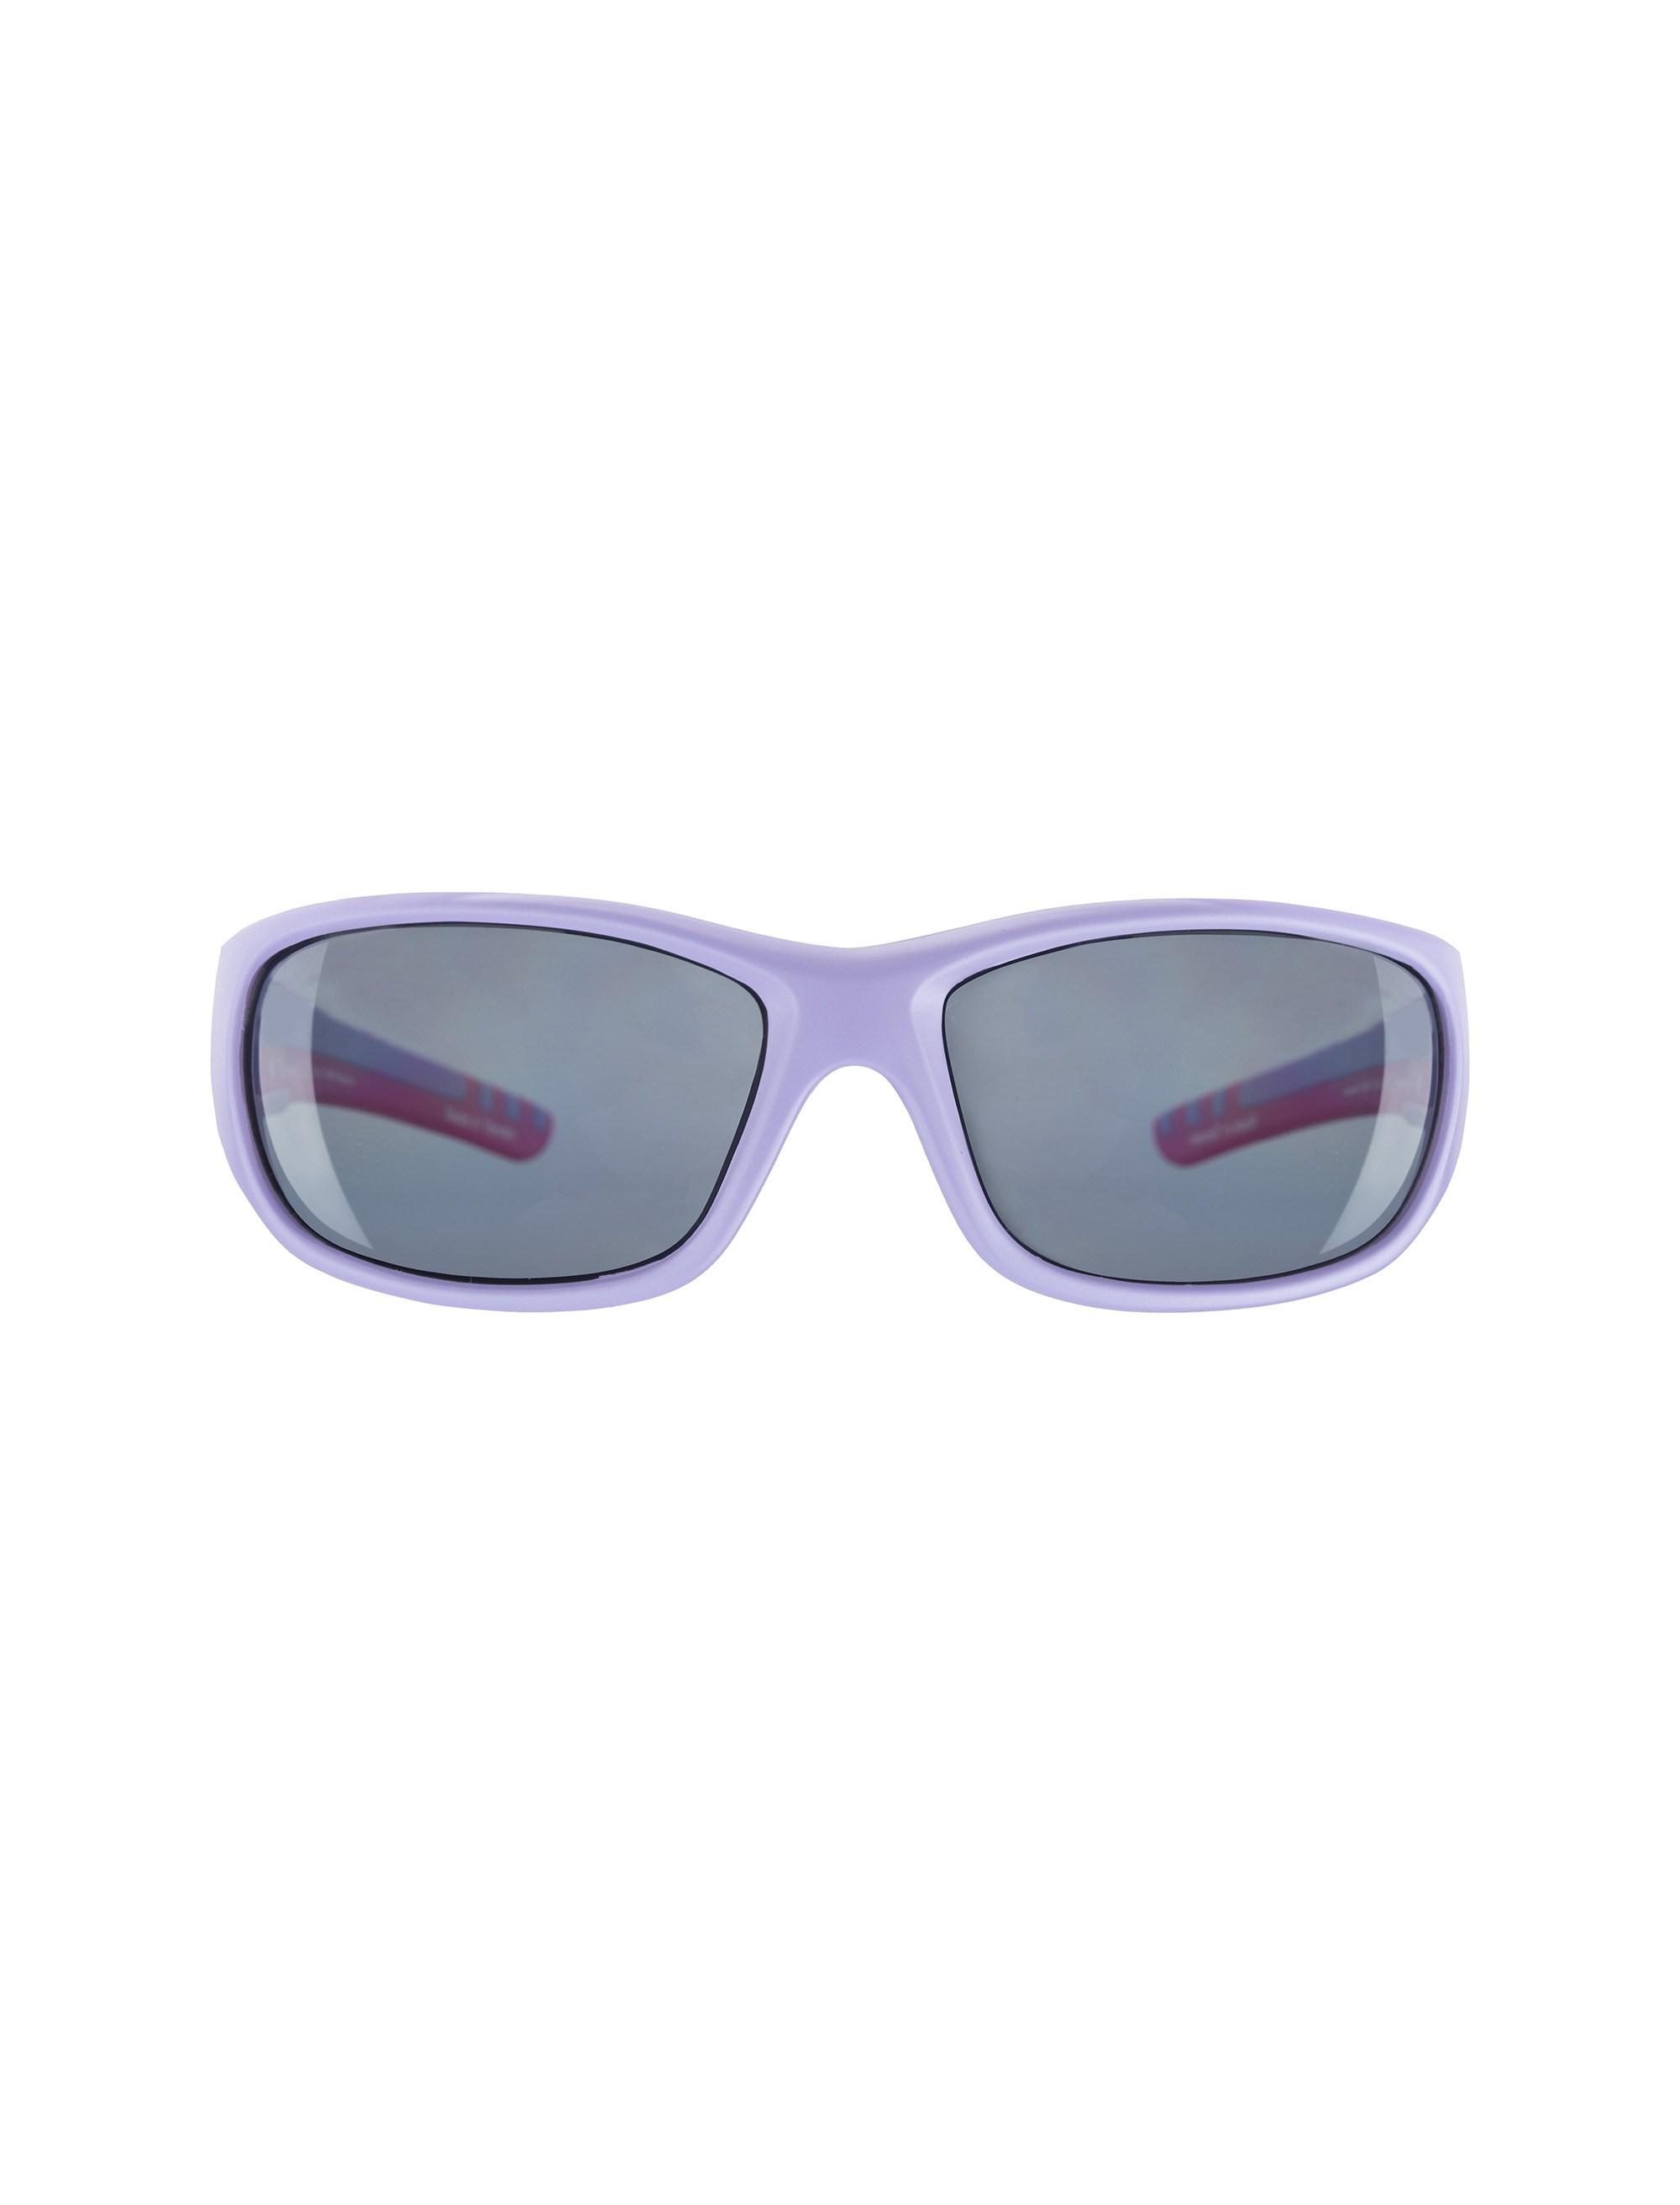 عینک آفتابی کمربندی بچگانه - زوباگ - بنفش - 1